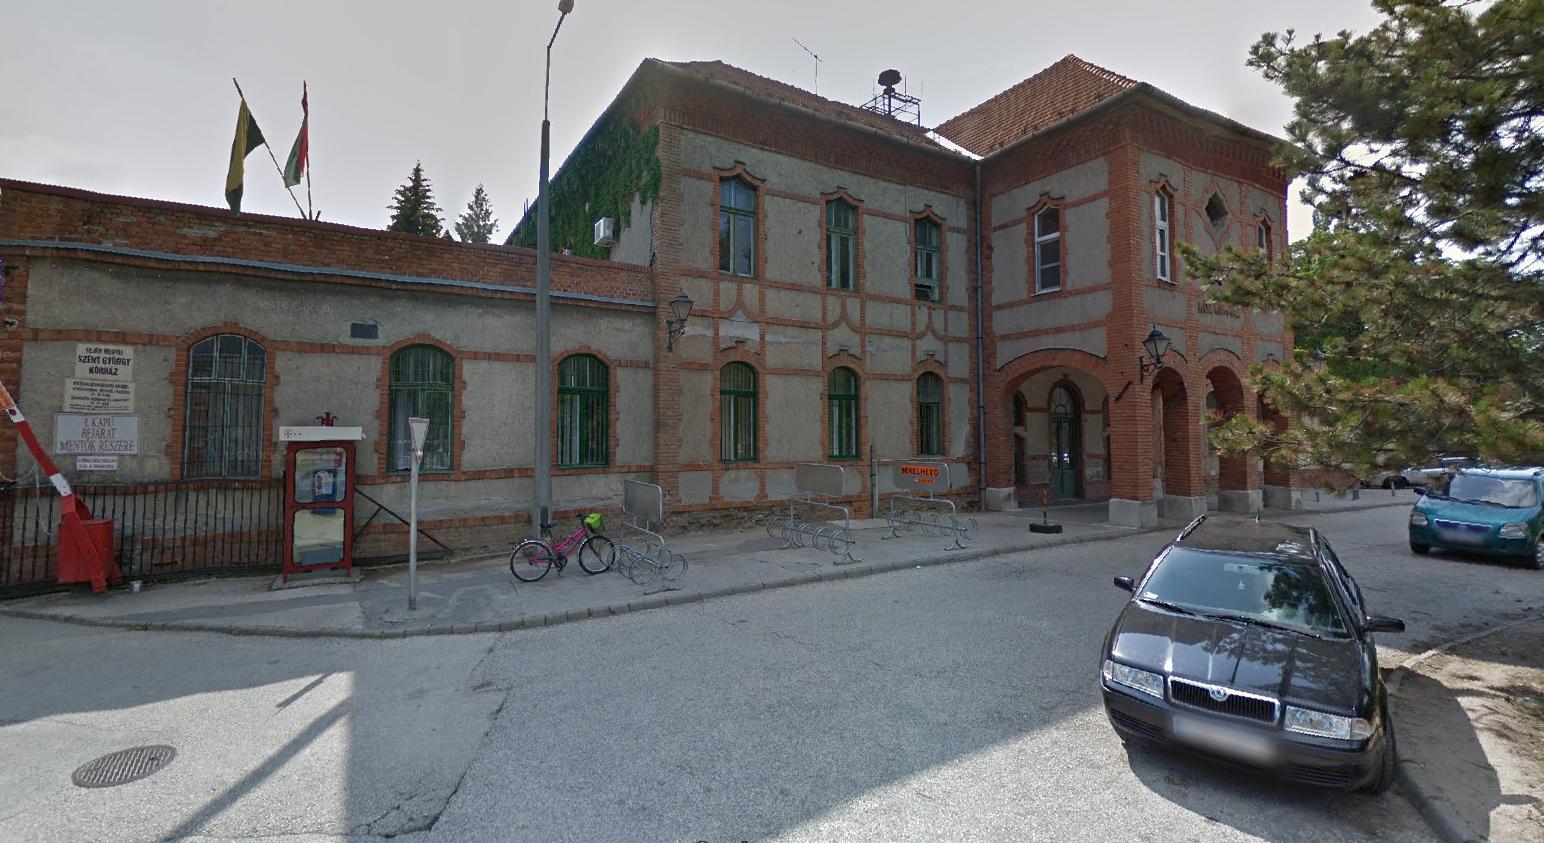 Látogatási tilalmat vezettek be a székesfehérvári oktatókórházban